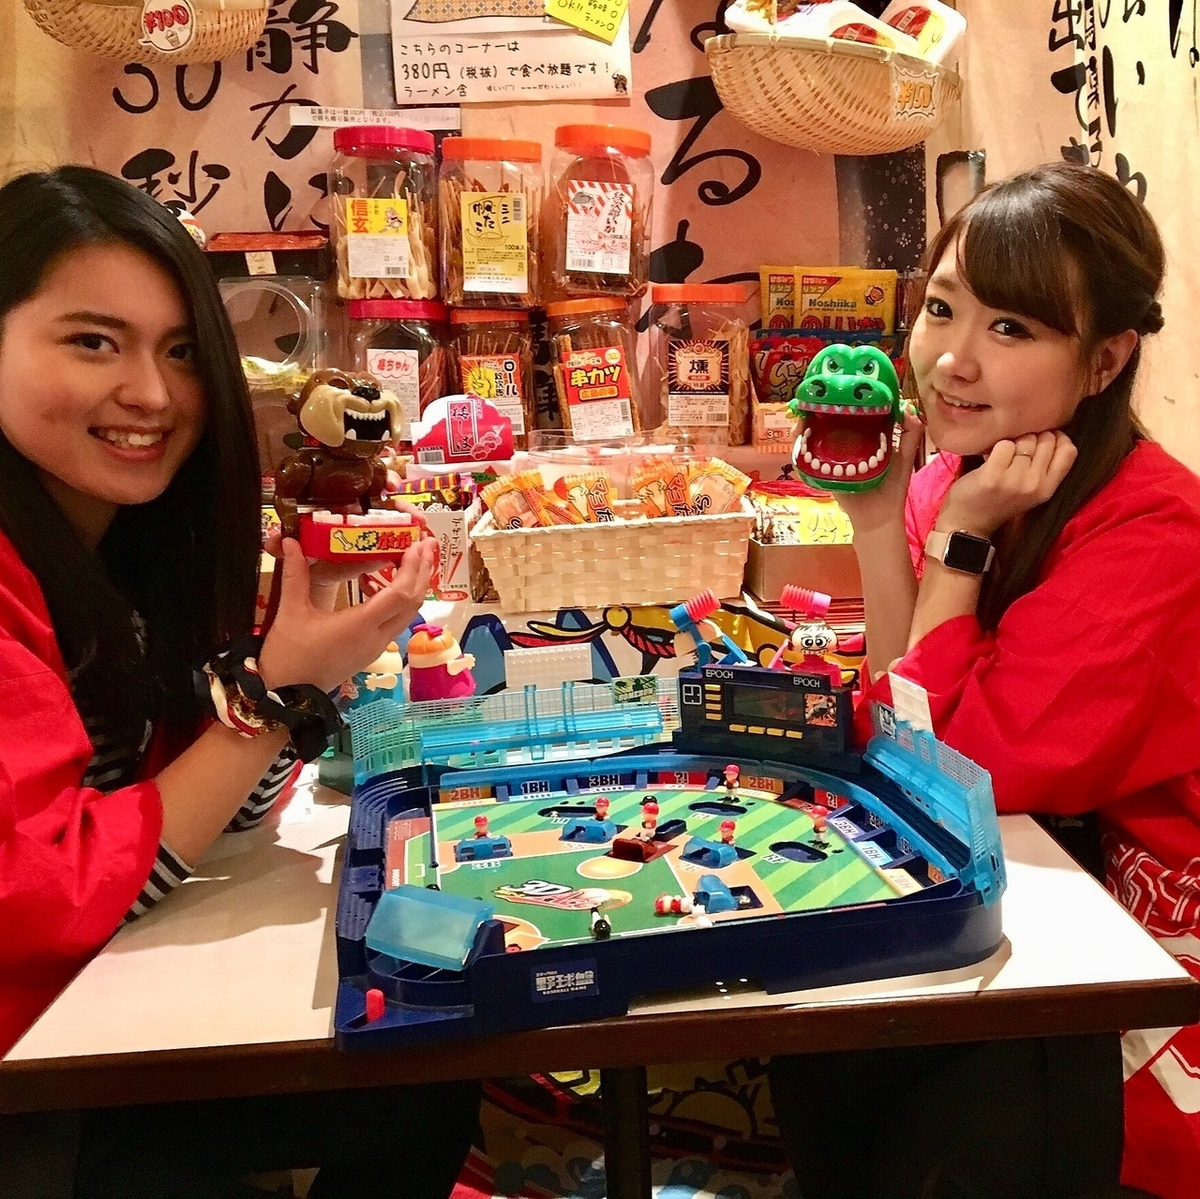 女子だから話したい♪【パスタ付☆駄菓子女子会プラン 3時間】飲放・駄菓子食放題!